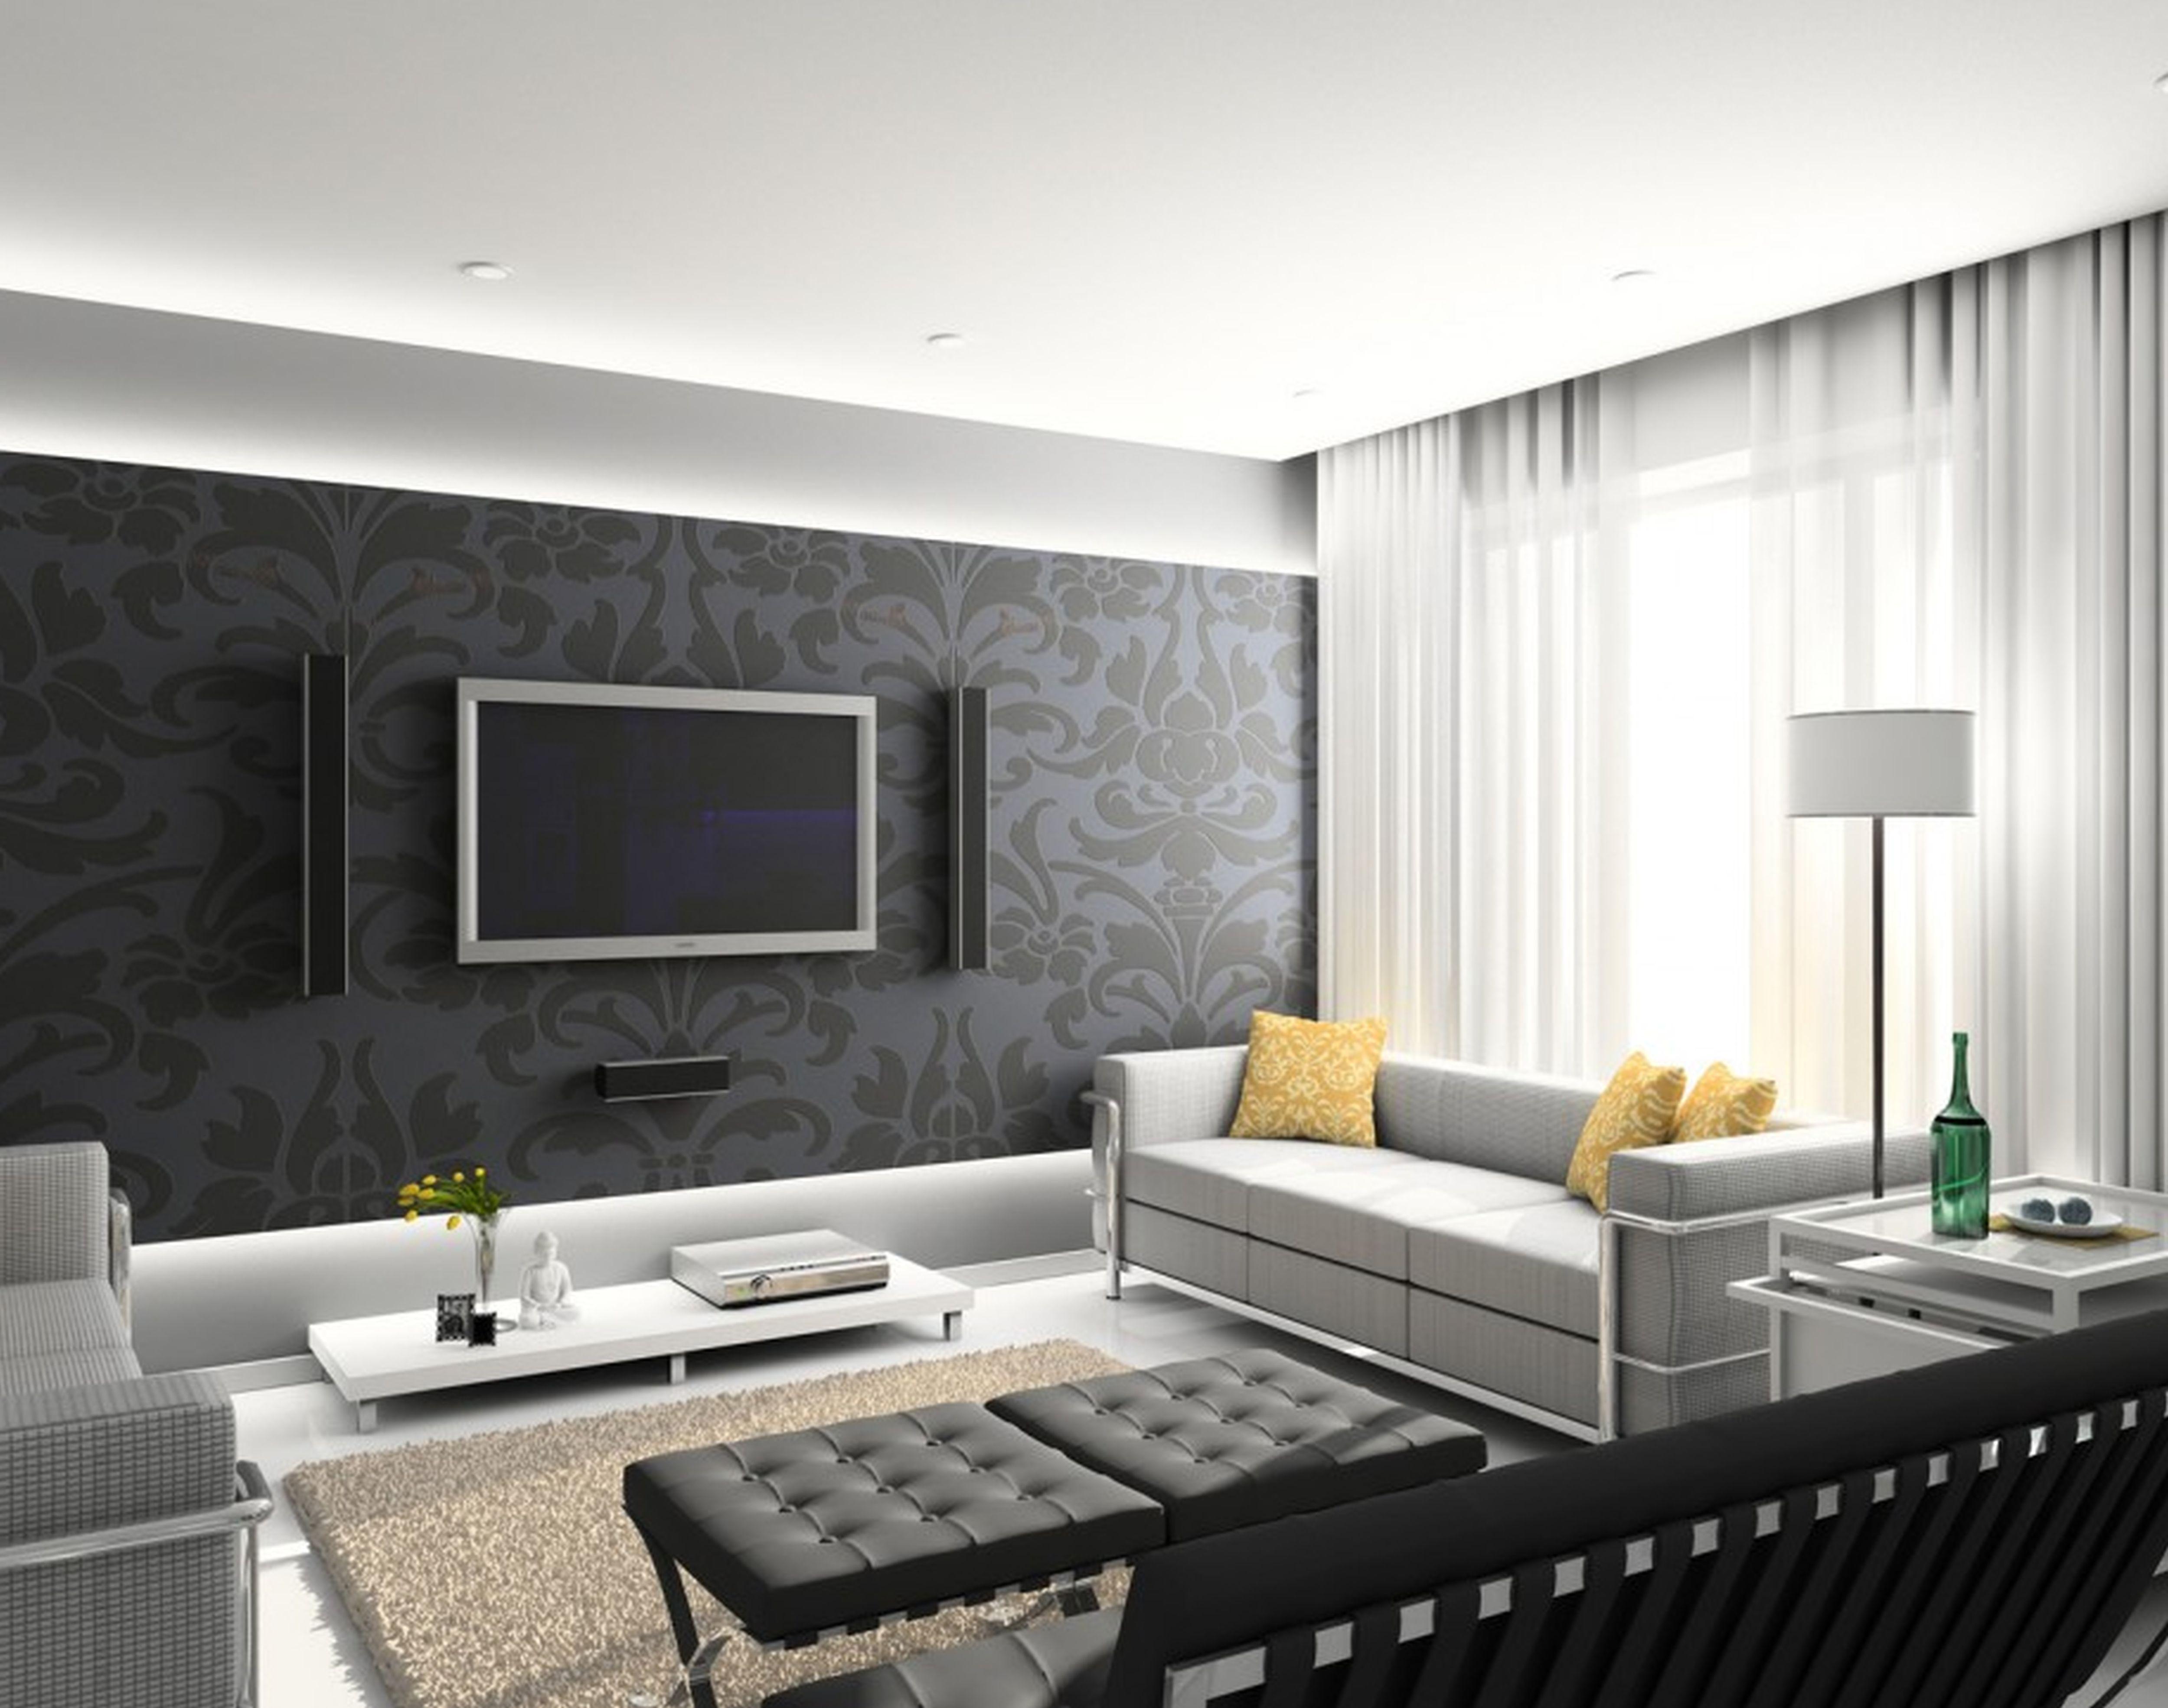 Дизайн обои гостиной фото 2015 современные идеи